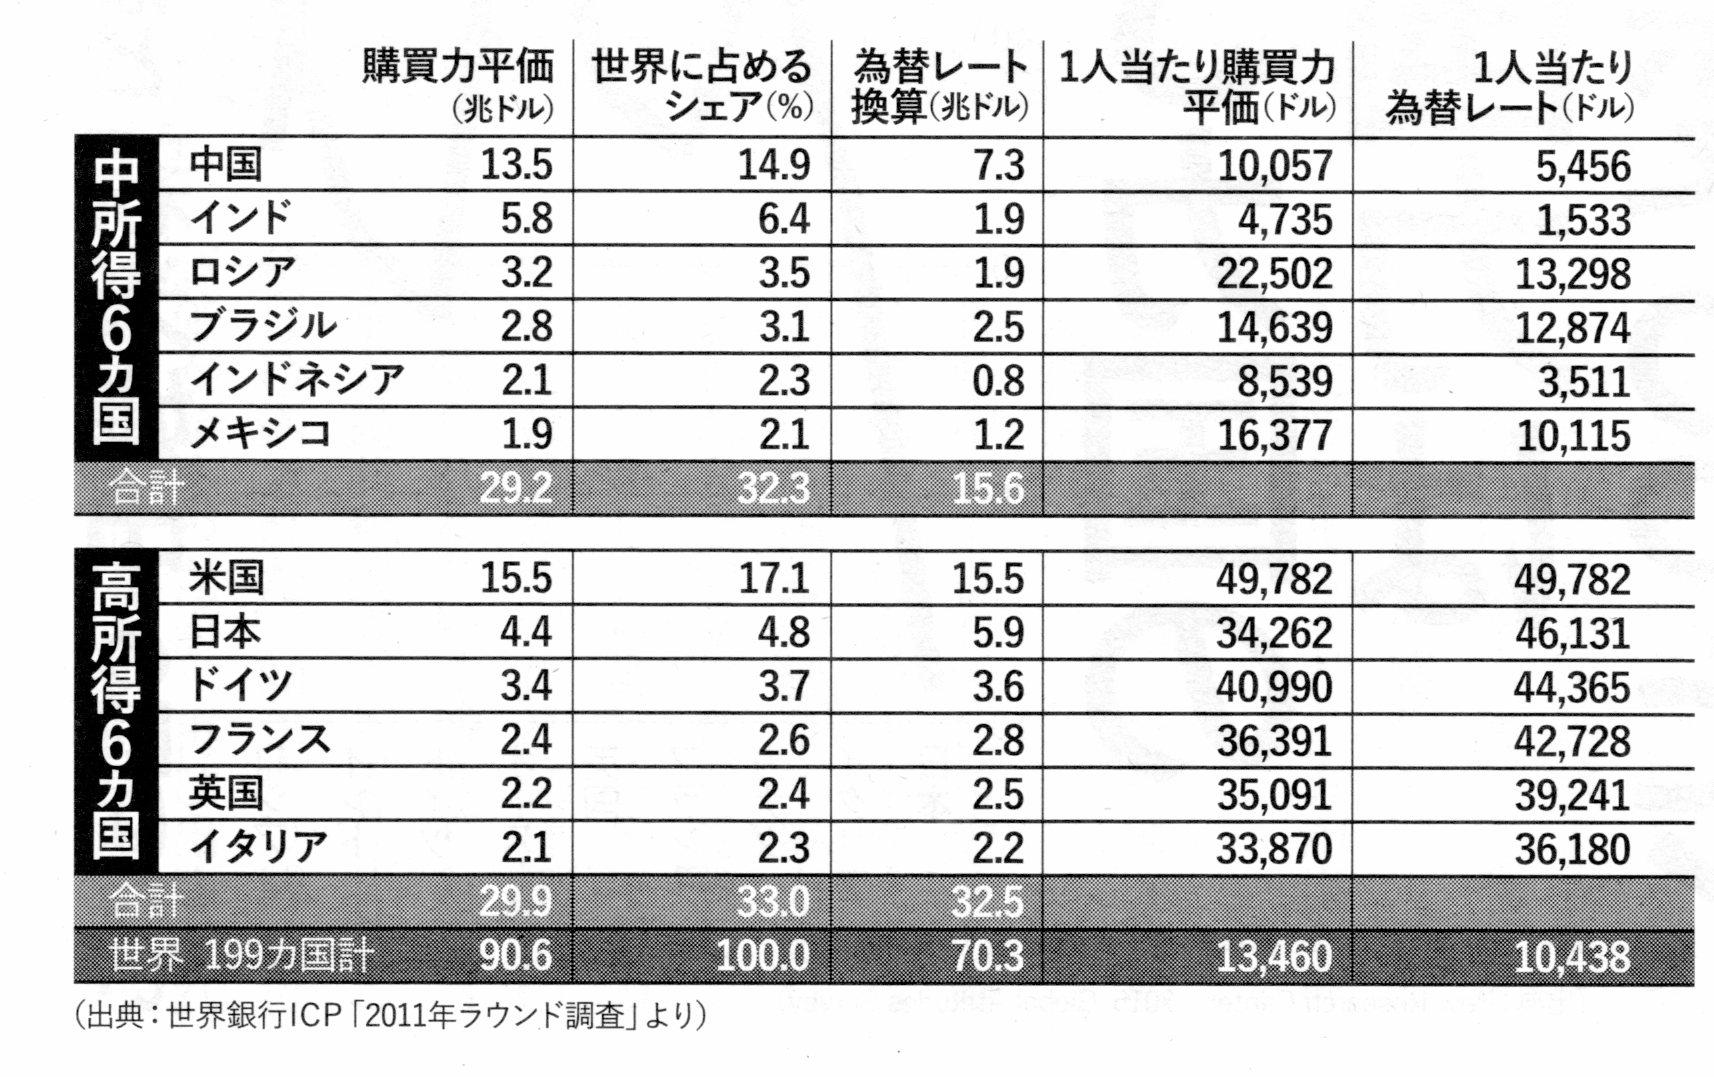 資料 矢吹晋 「日本、中国、米国」 『週刊金曜日』2017年8月4日号(グラフ、購買力)